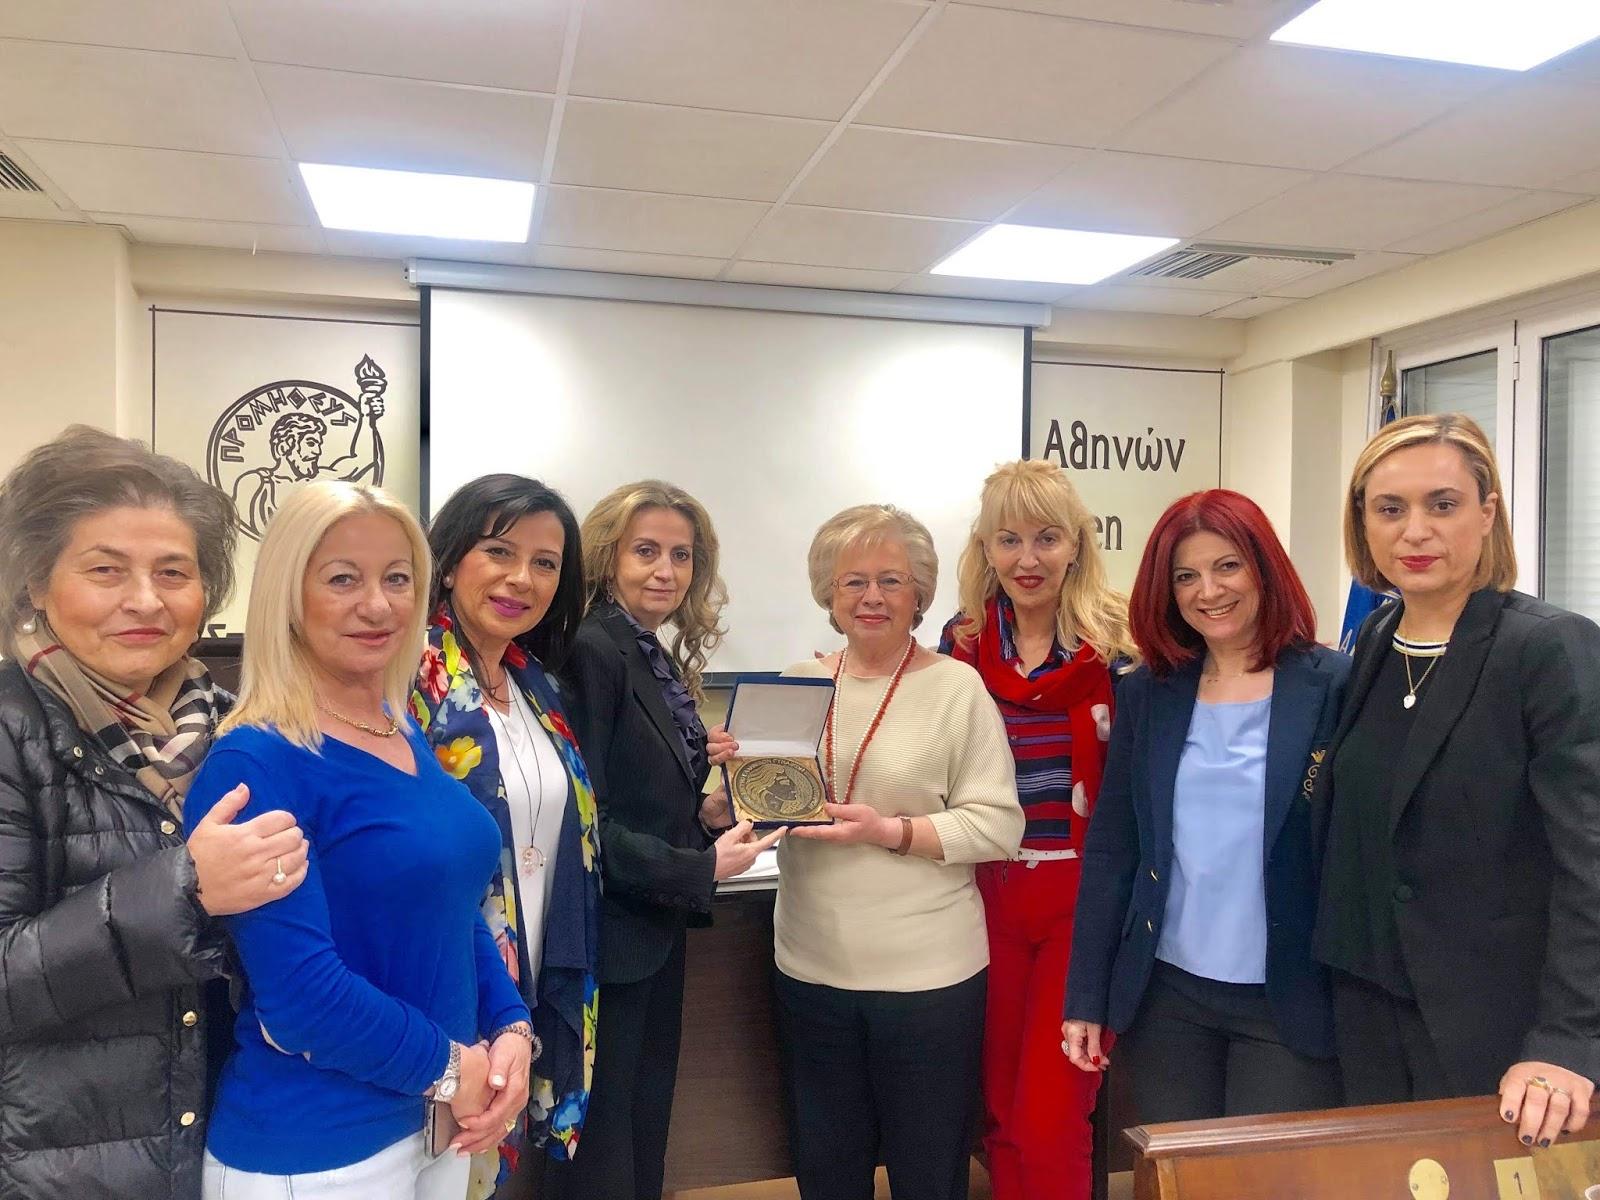 Συγκρότηση νέου Διοικητικού Συμβουλίου Εθνικού Επιμελητηριακού Δικτύου Ελληνίδων Γυναικών Επιχειρηματιών